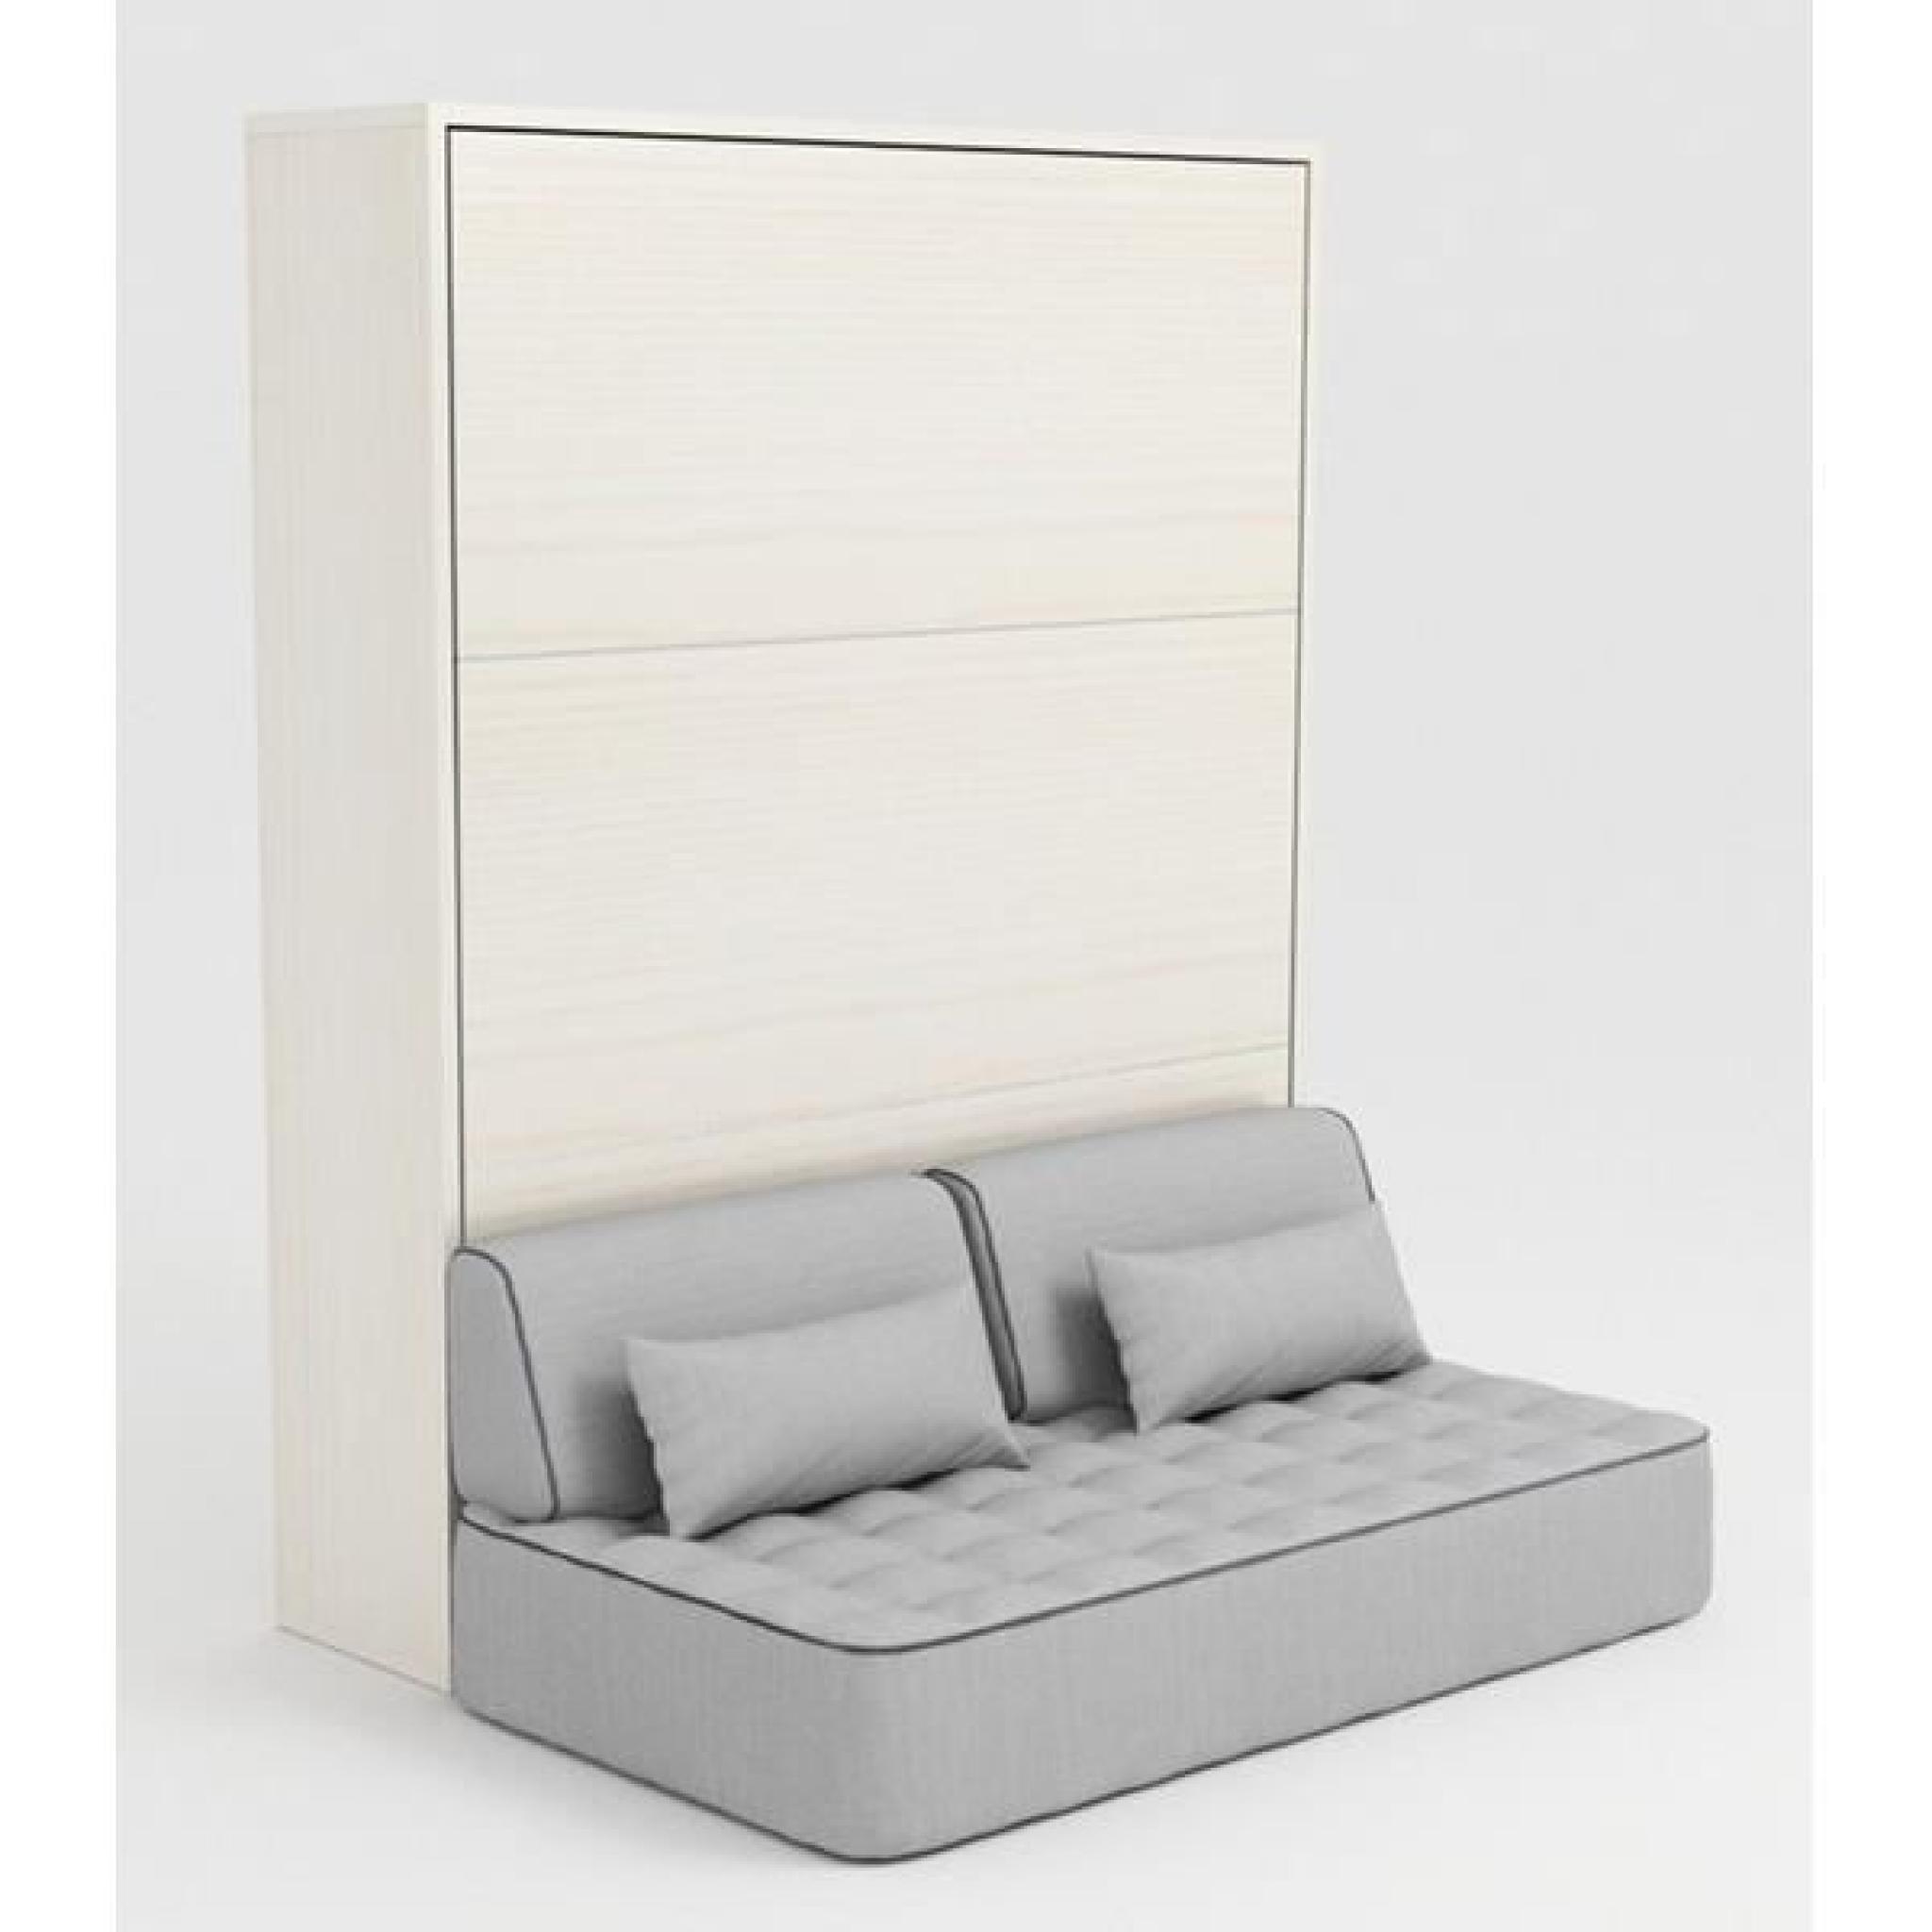 Armoire Lit Escamotable Stone 160X200 Blanc Canapé - Achat pour Lit Escamotable 2 Personnes Pas Cher